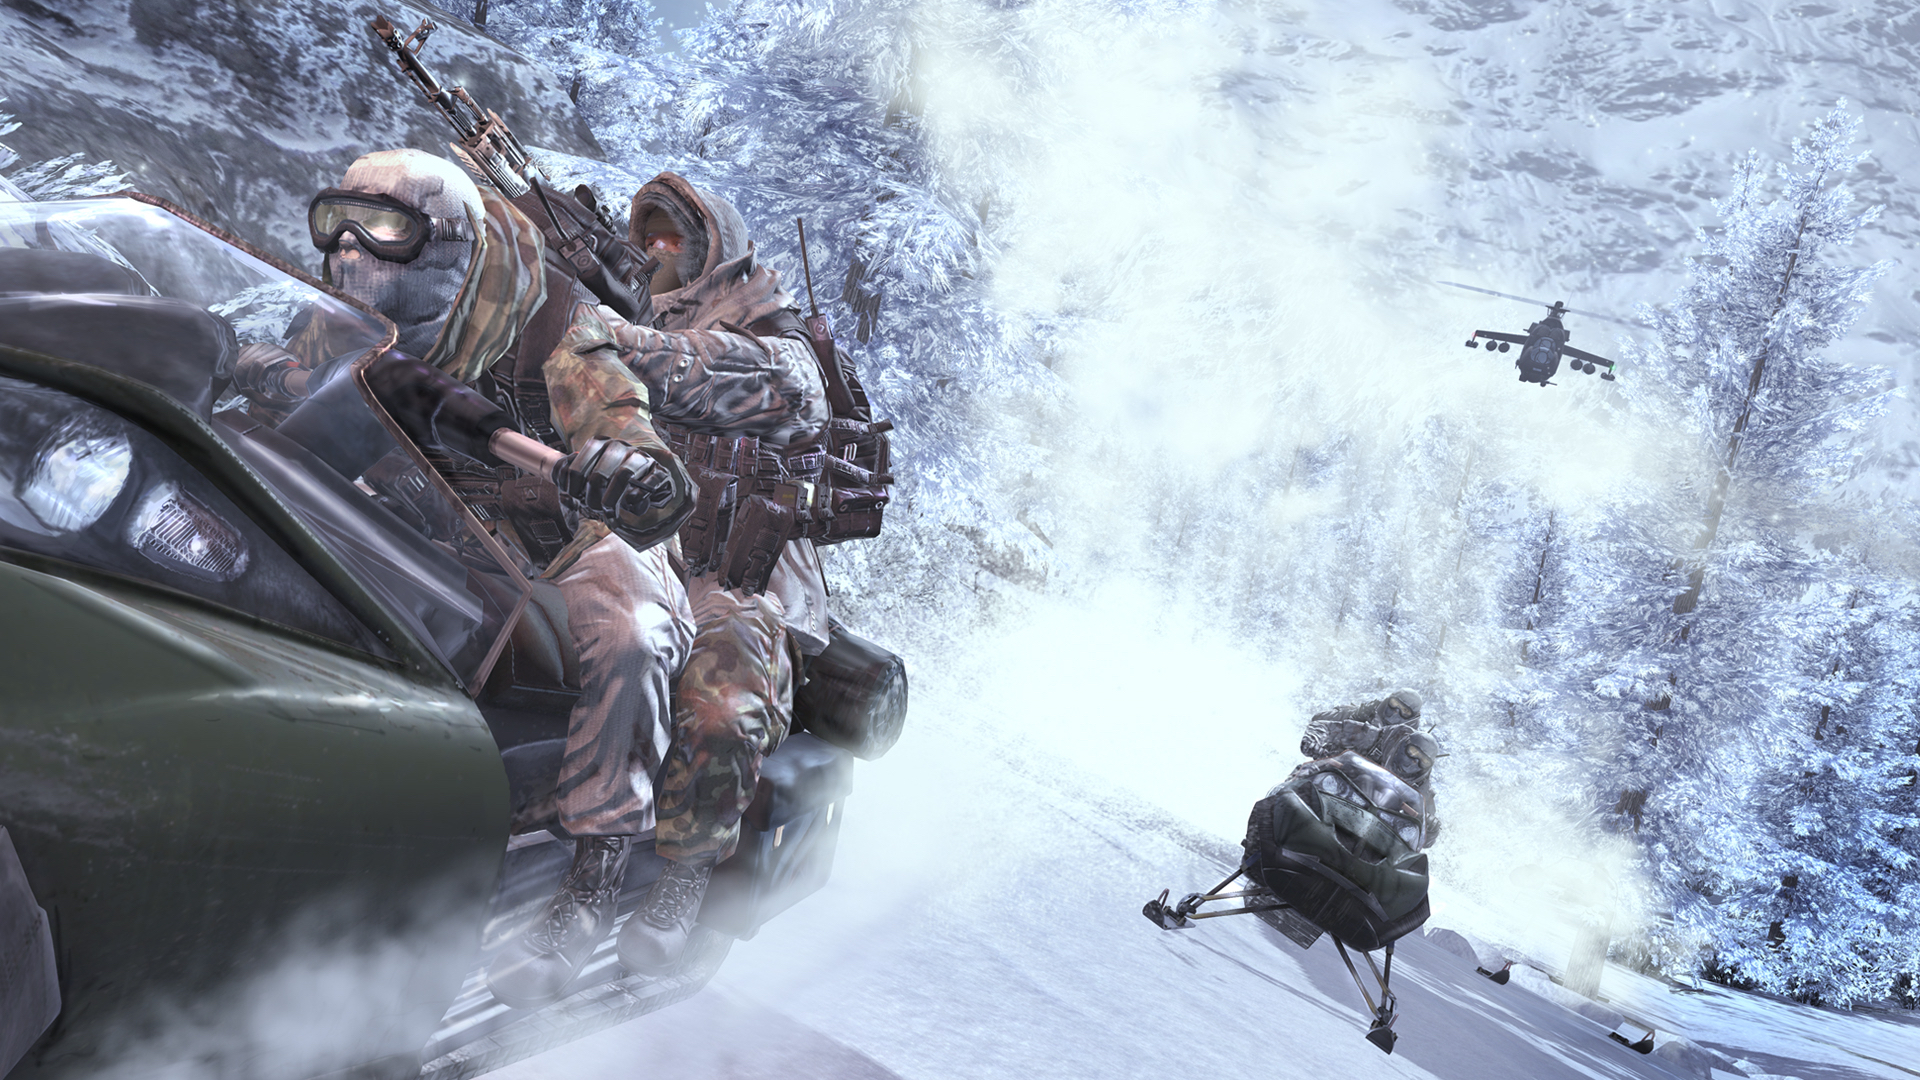 ¿Modern Warfare 2 remasterizado tiene multijugador? Aquí hay todo lo que debes saber sobre el juego. 12